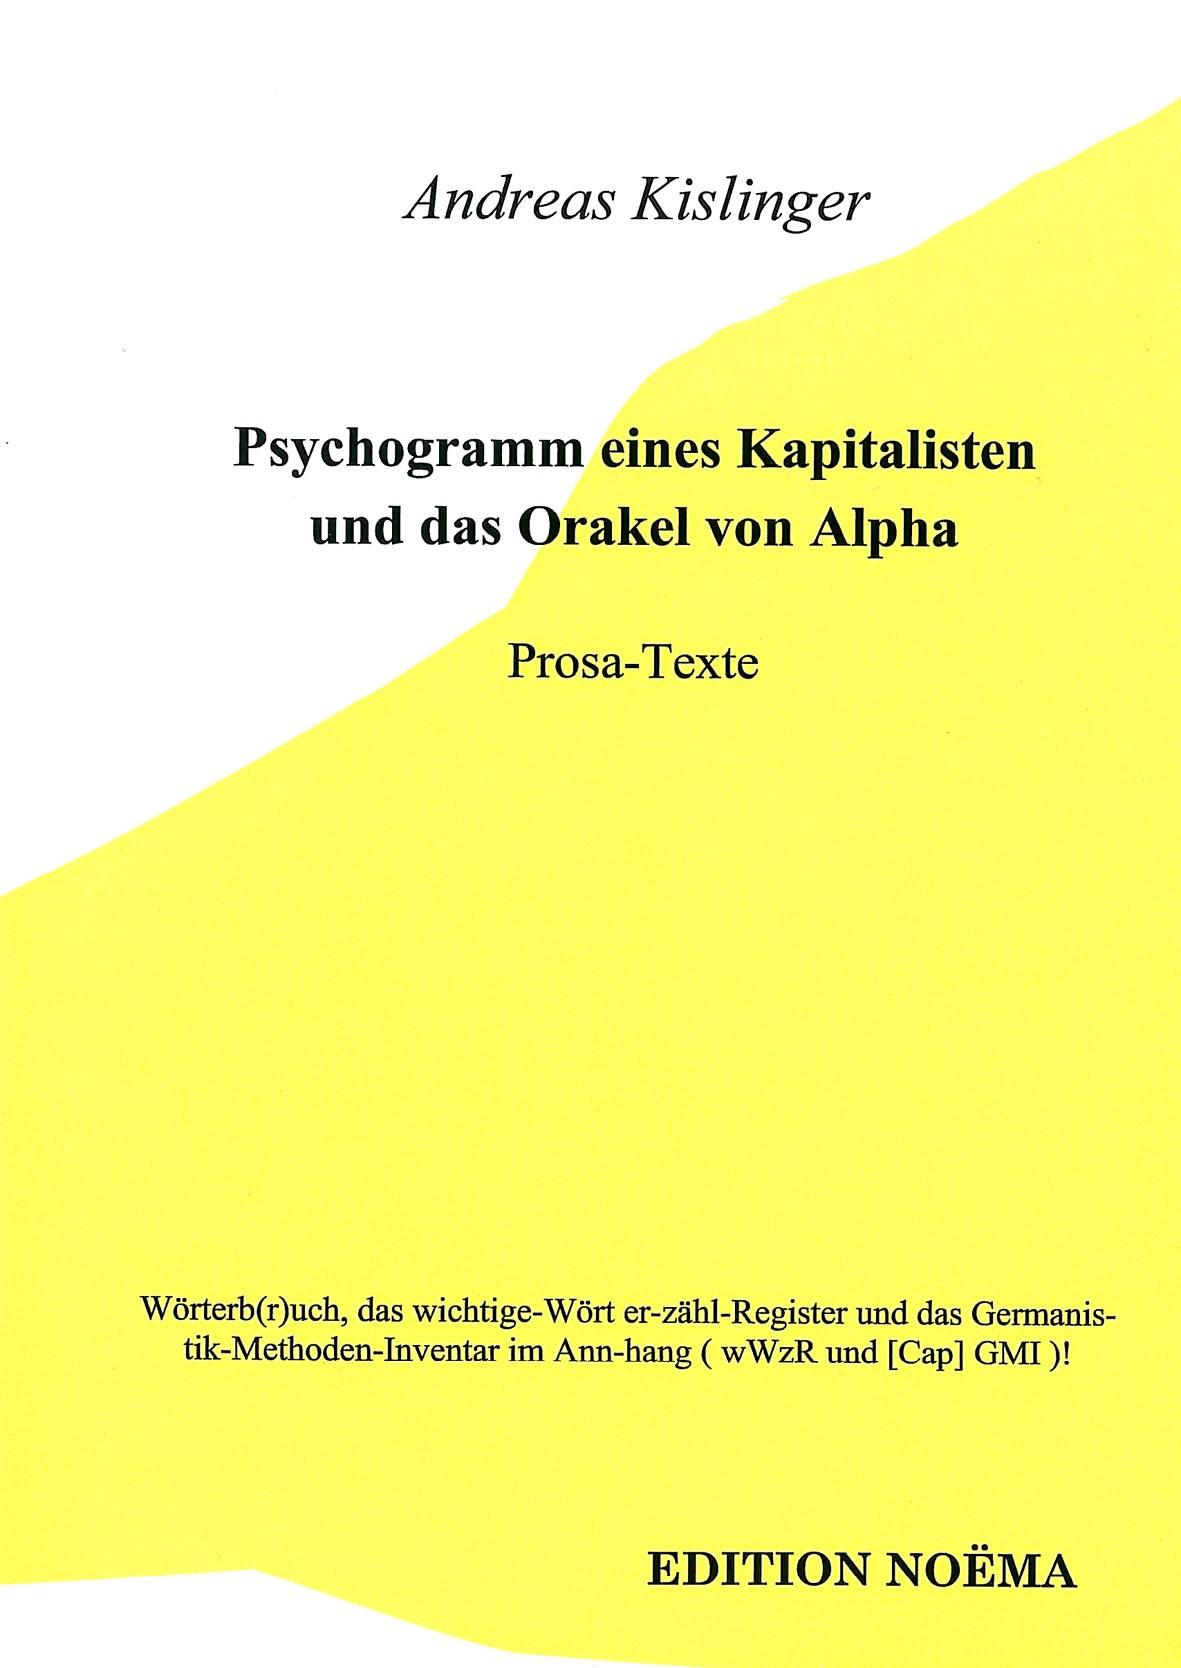 Psychogramm eines Kapitalisten und das Orakel von Alpha, oder: Des Wahnsinn's 1x1 in der Eitelkeit der Macht